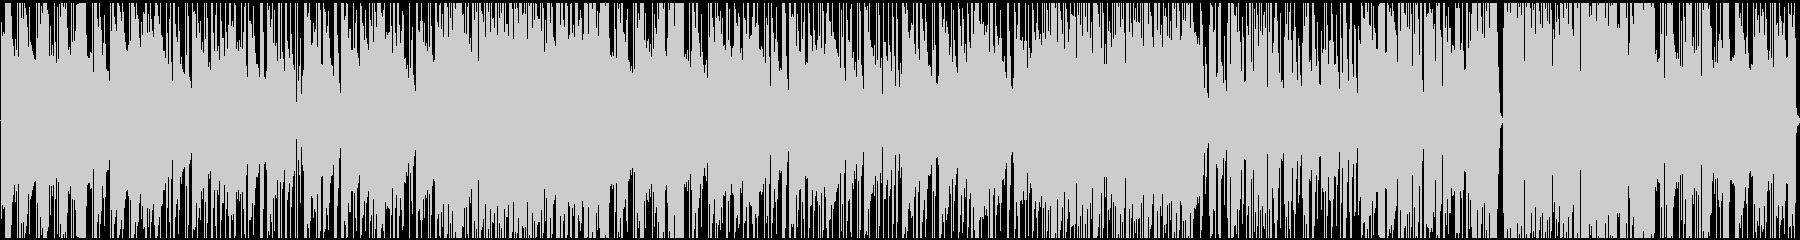 JAZZテイストぼHIPHOPの未再生の波形